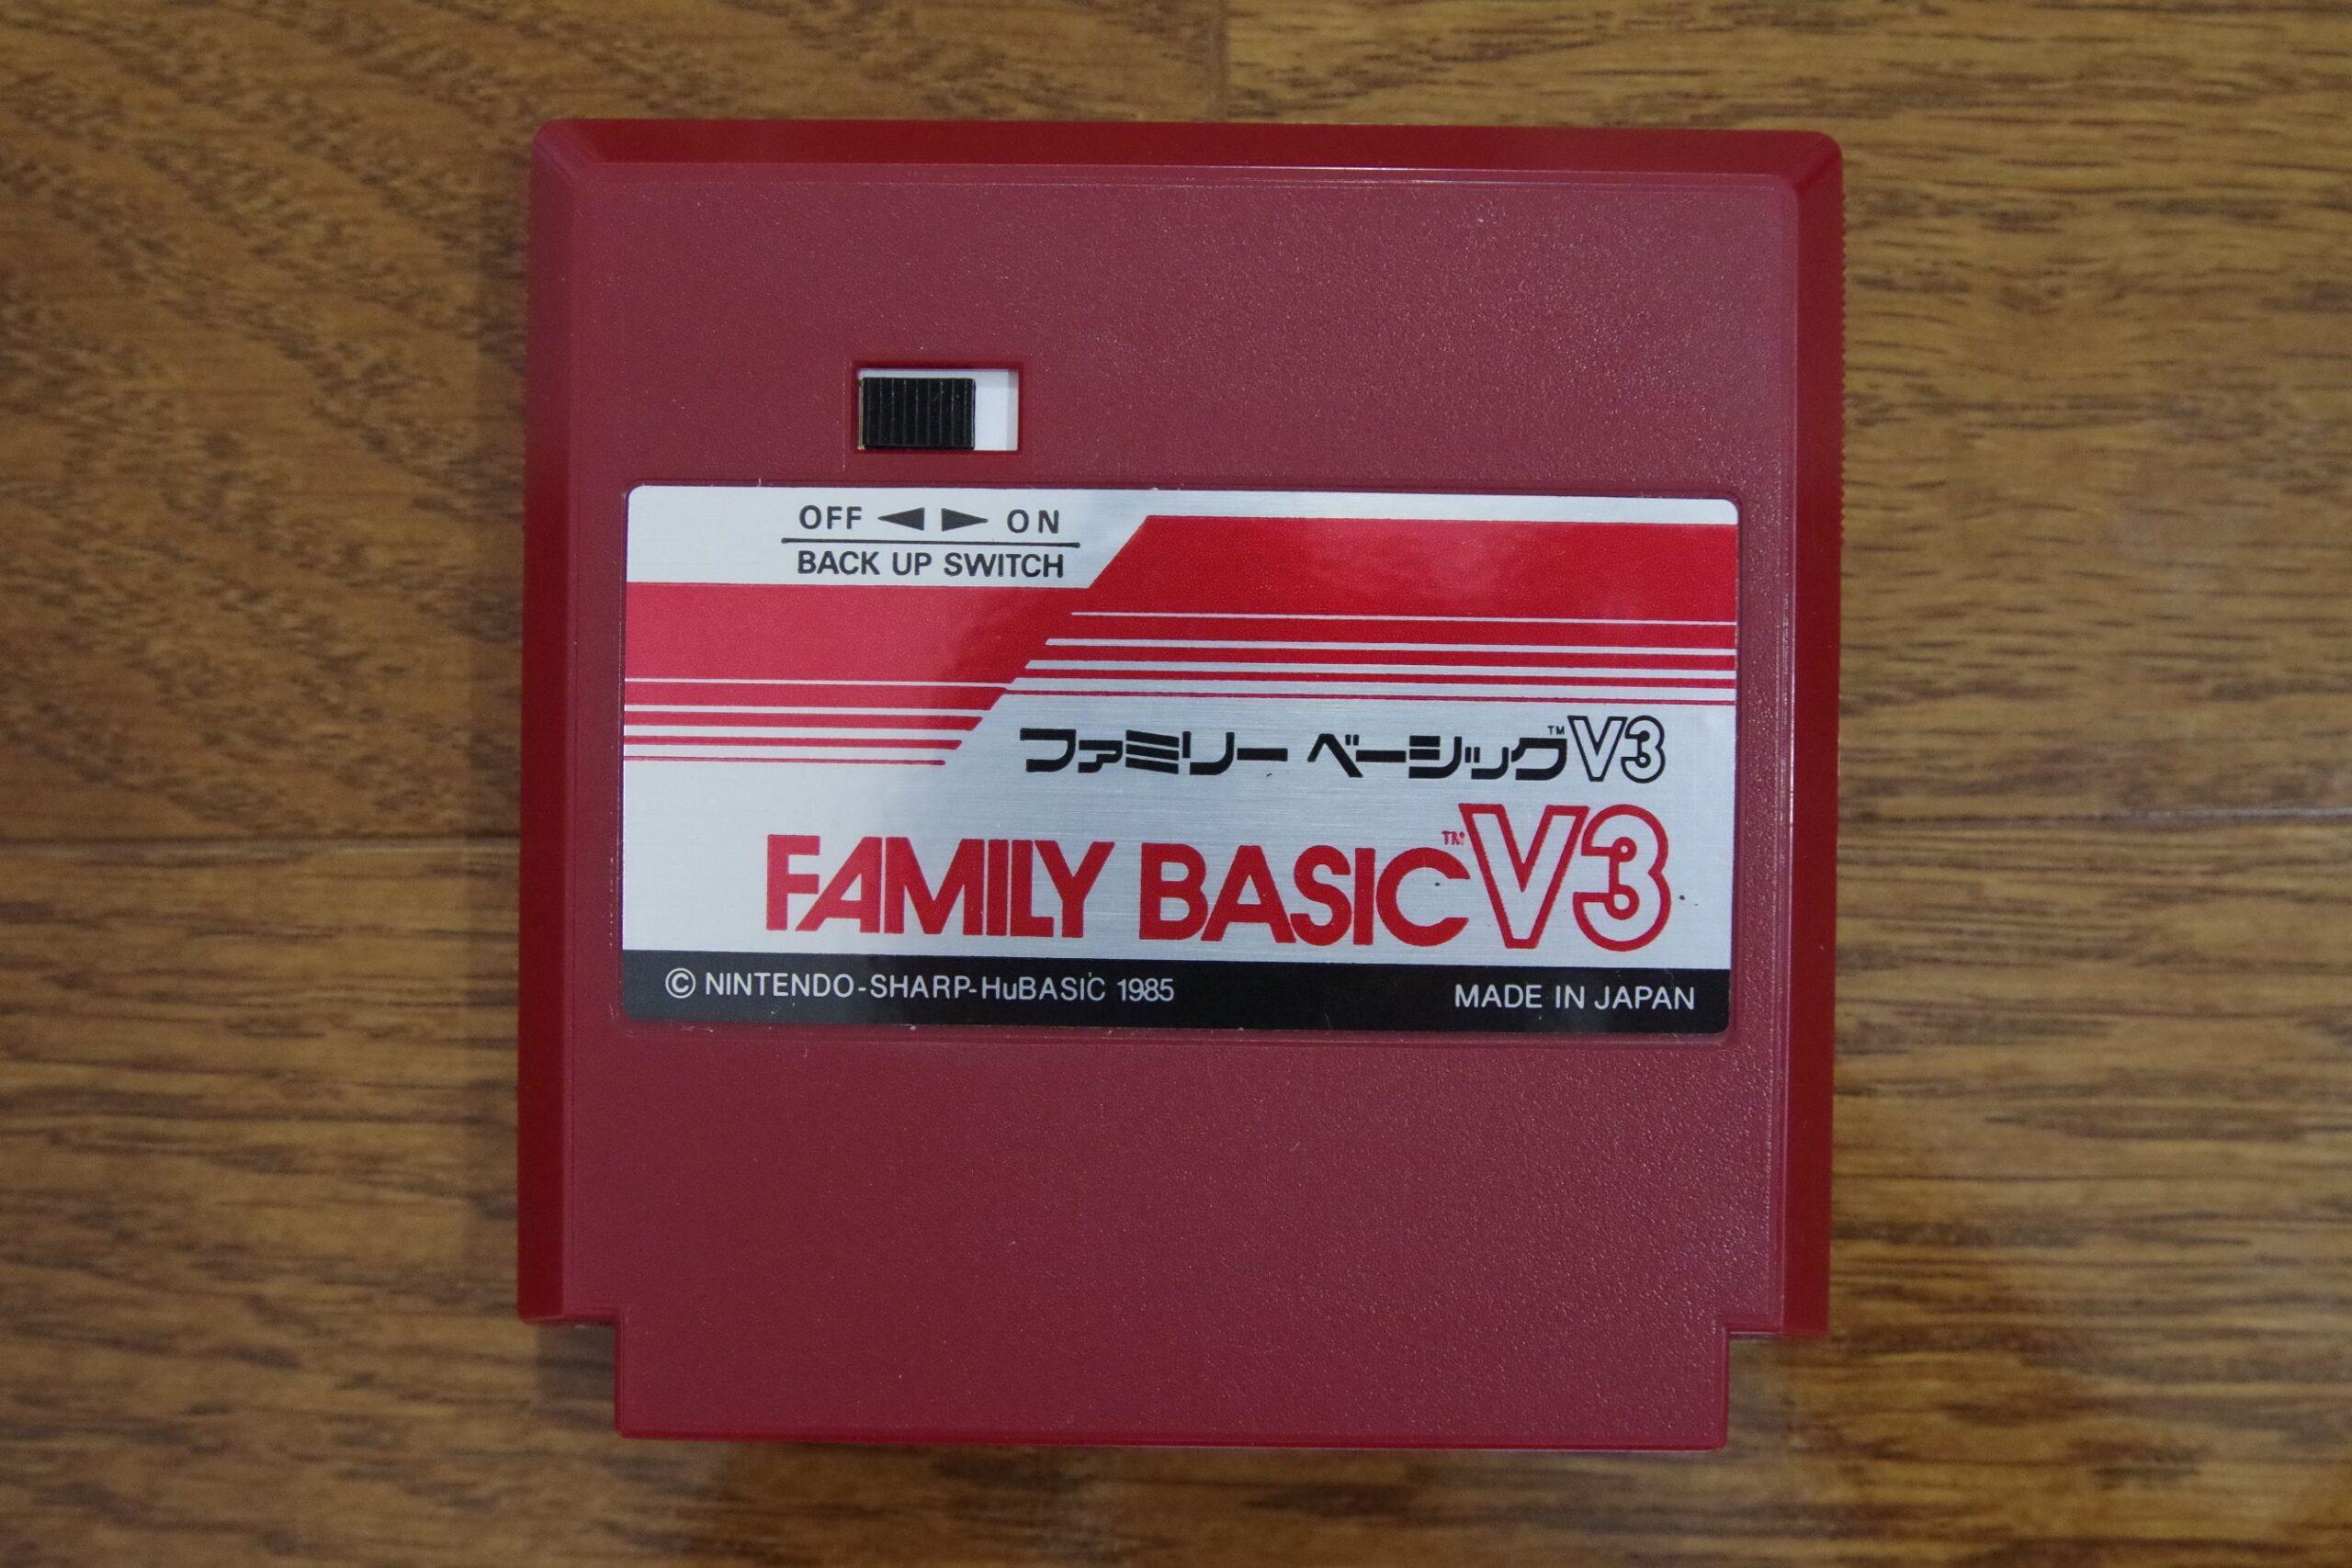 ファミコンカセット本日の成果はファミリーベーシックv3の1本でした。